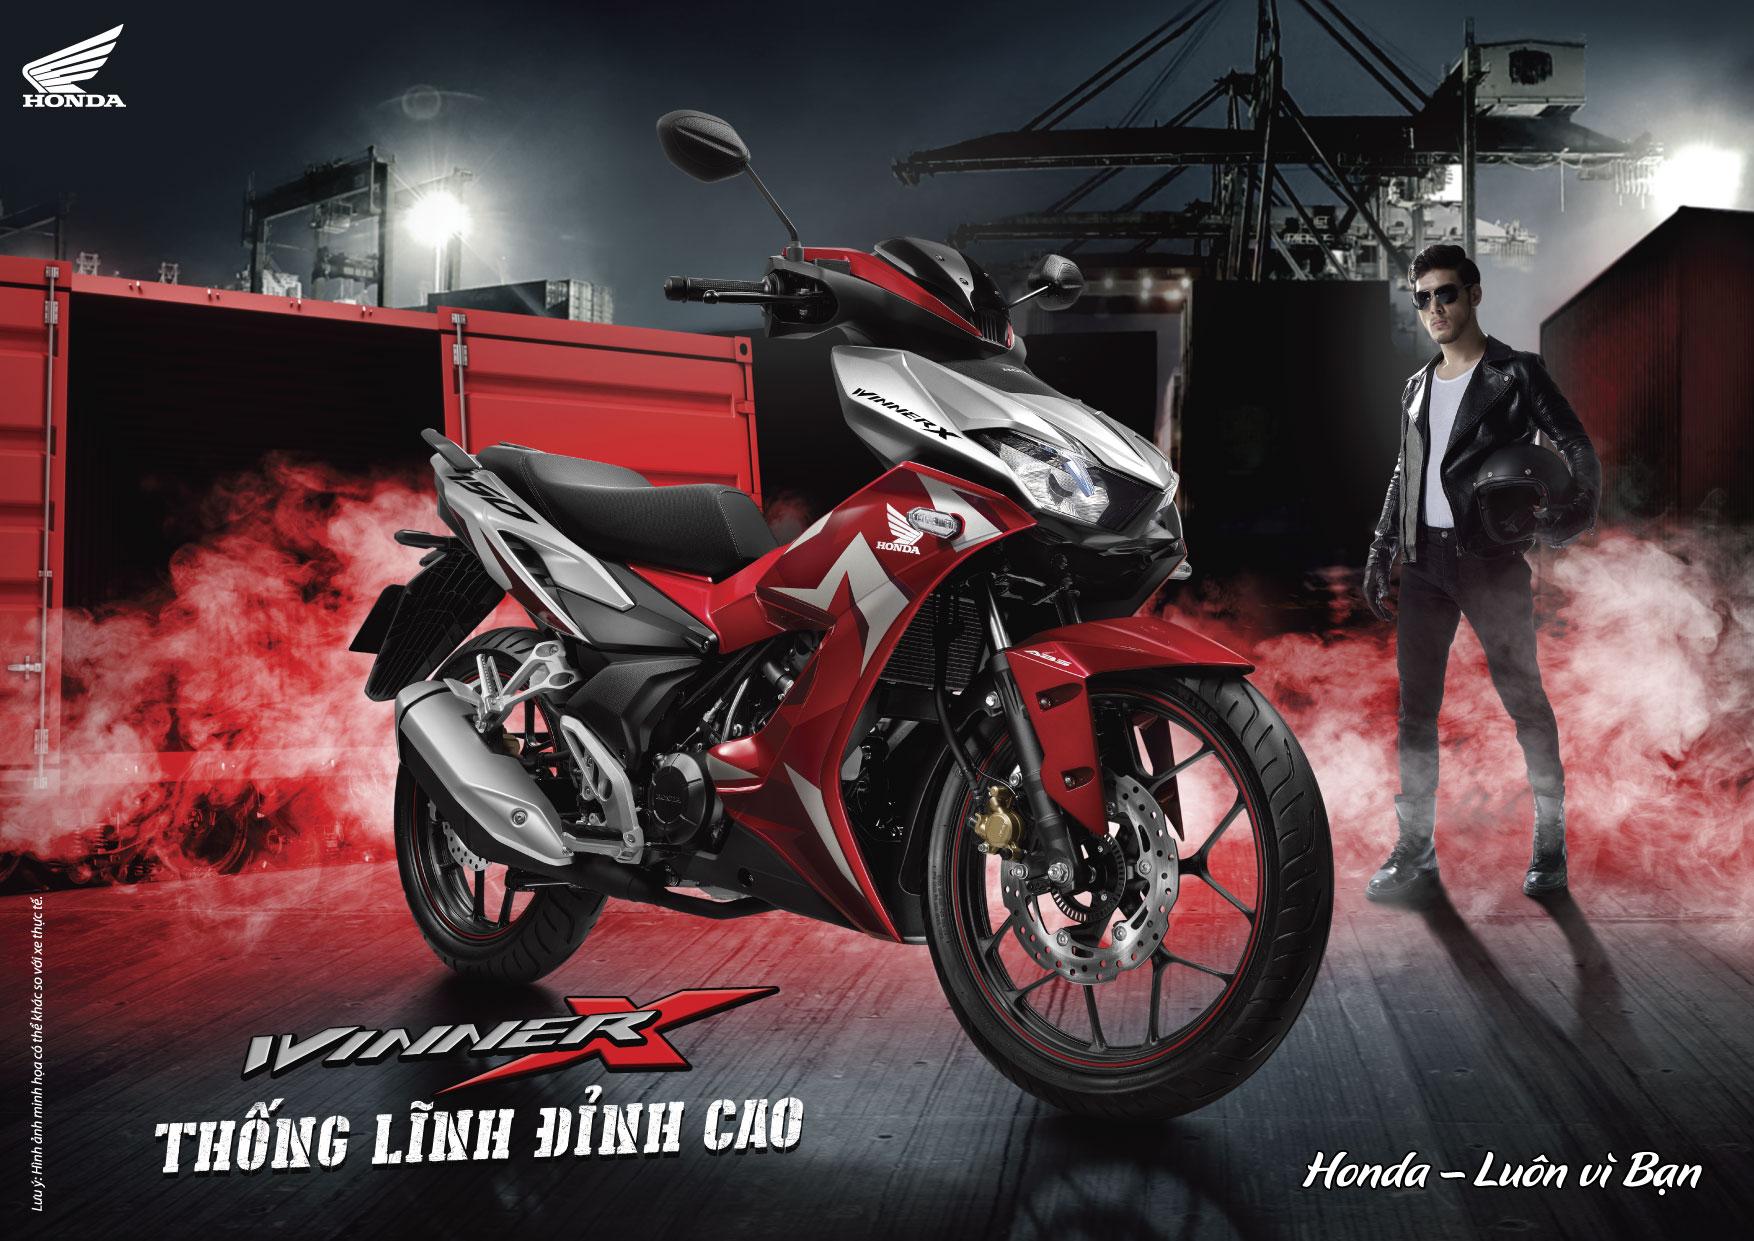 Honda Việt Nam giới thiệu siêu phẩm WINNER X hoàn toàn mới tại đại nhạc hội -Thống lĩnh đỉnh cao-